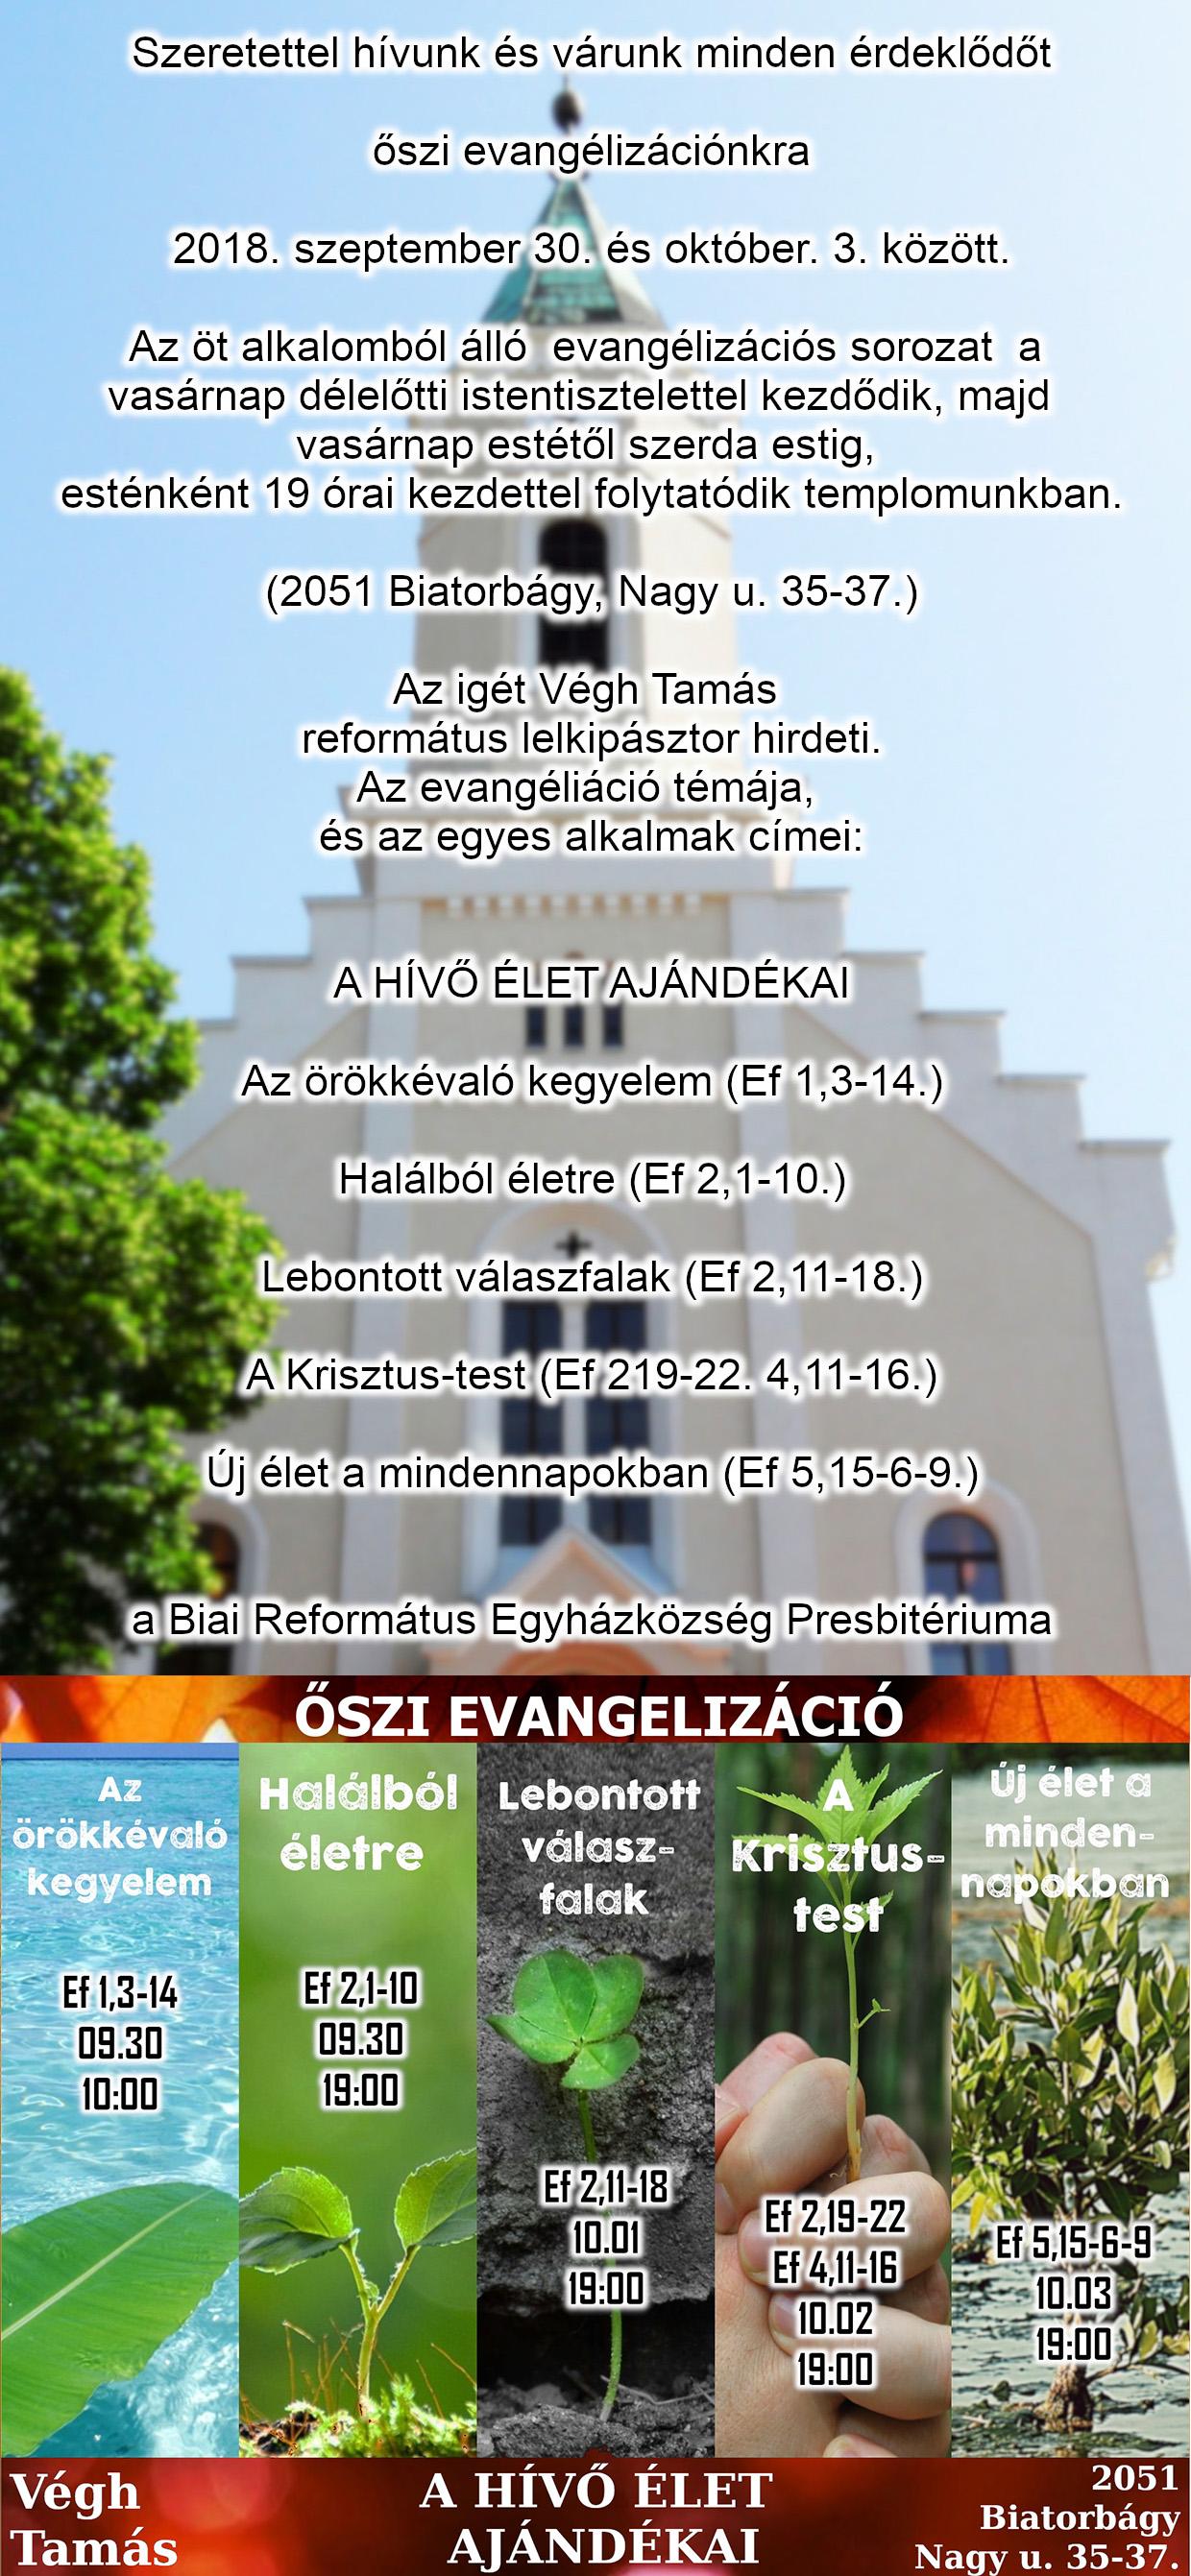 Evangelizacio_2018_honlap_v2